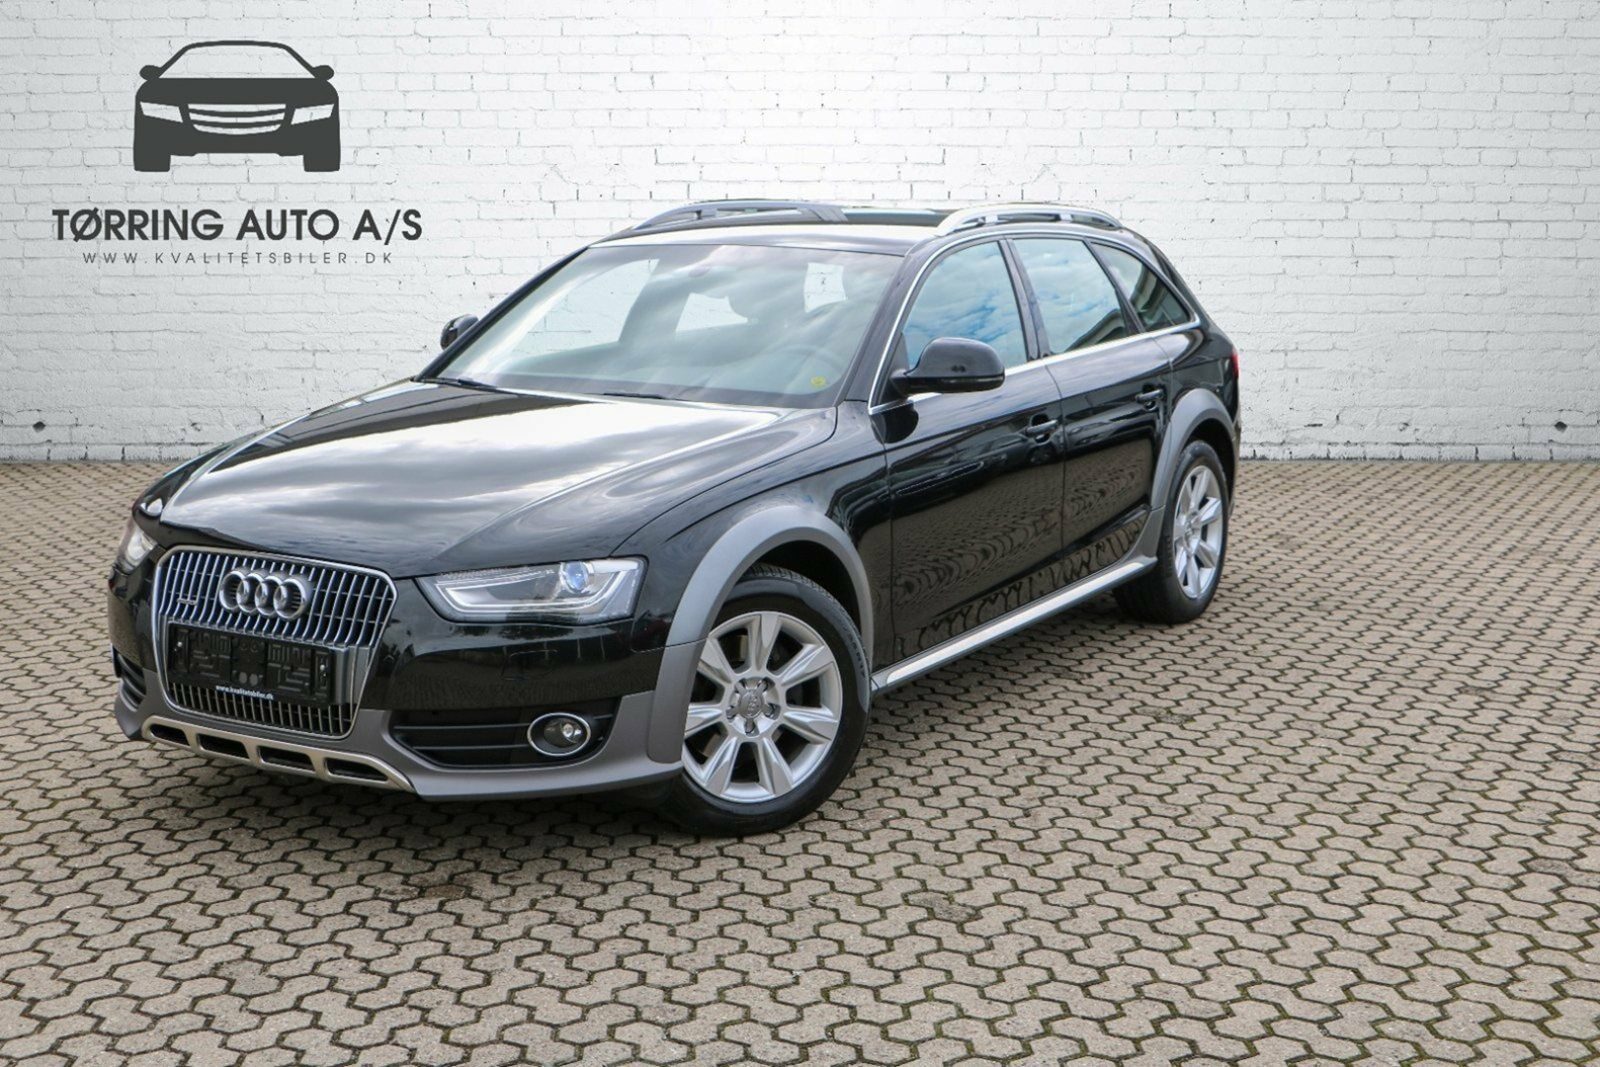 Audi A4 allroad 3,0 TDi 245 quattro S-tr. 5d - 349.900 kr.